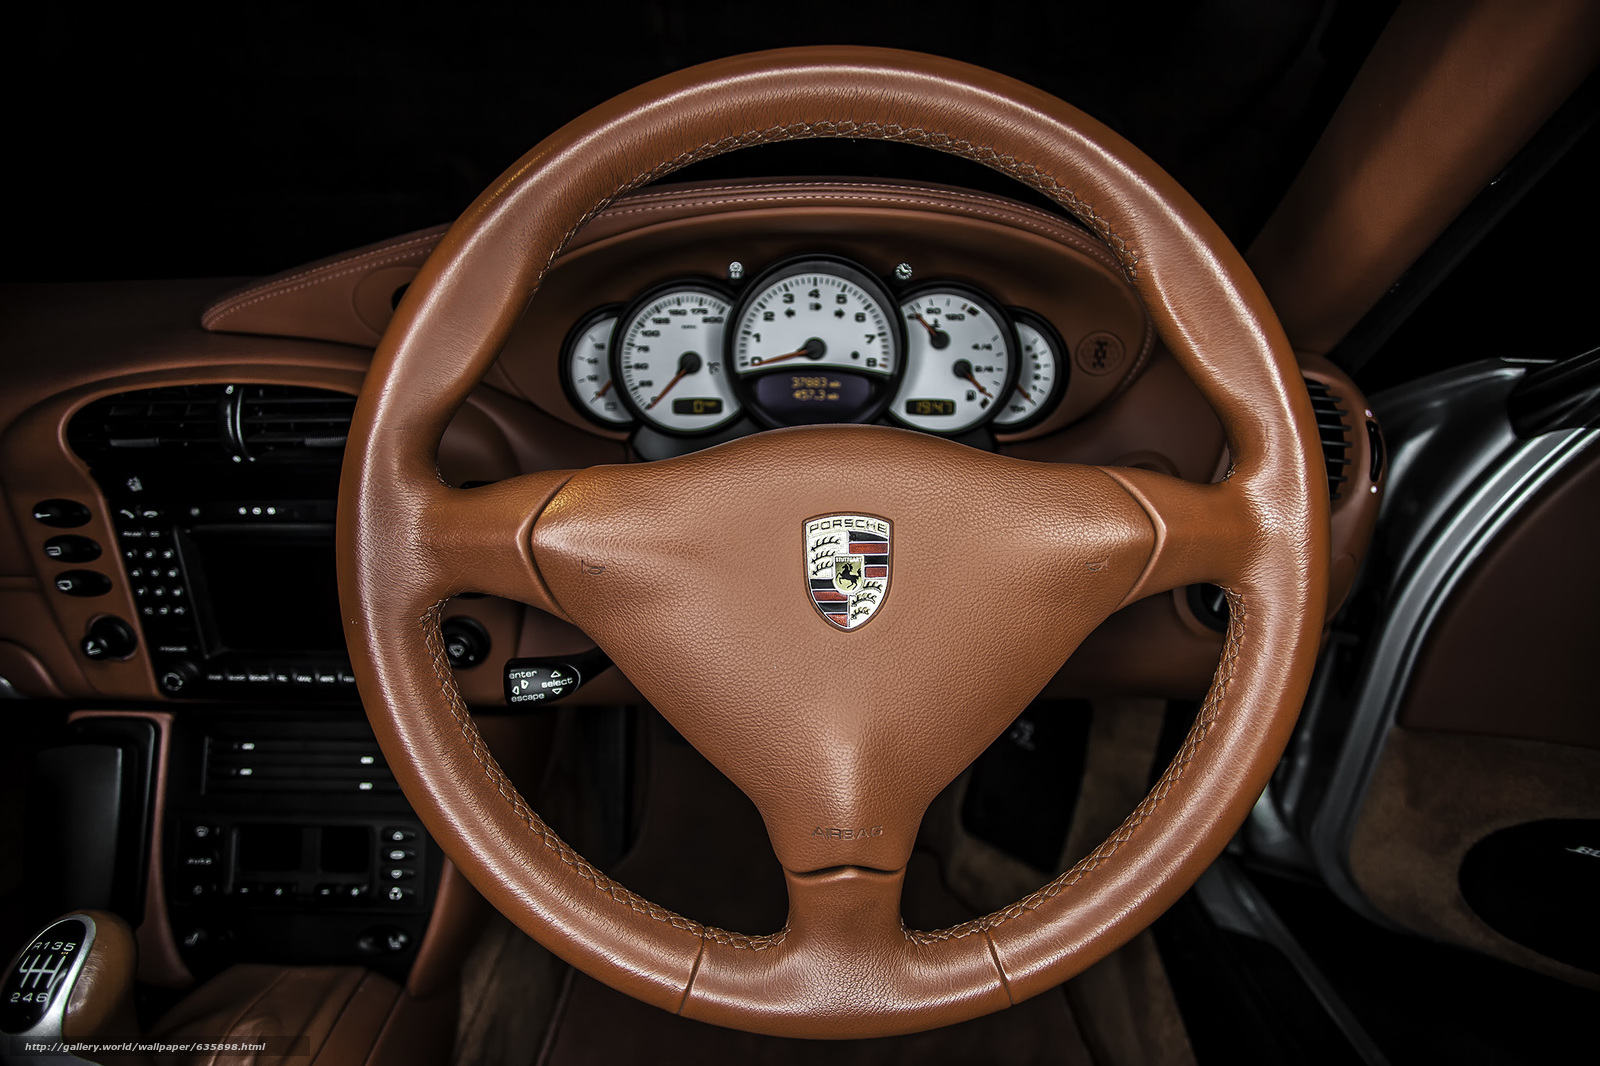 scaricare gli sfondi Porsche 911 Carrera,  Porsche,  Carrera,  volante Sfondi gratis per la risoluzione del desktop 2048x1365 — immagine №635898